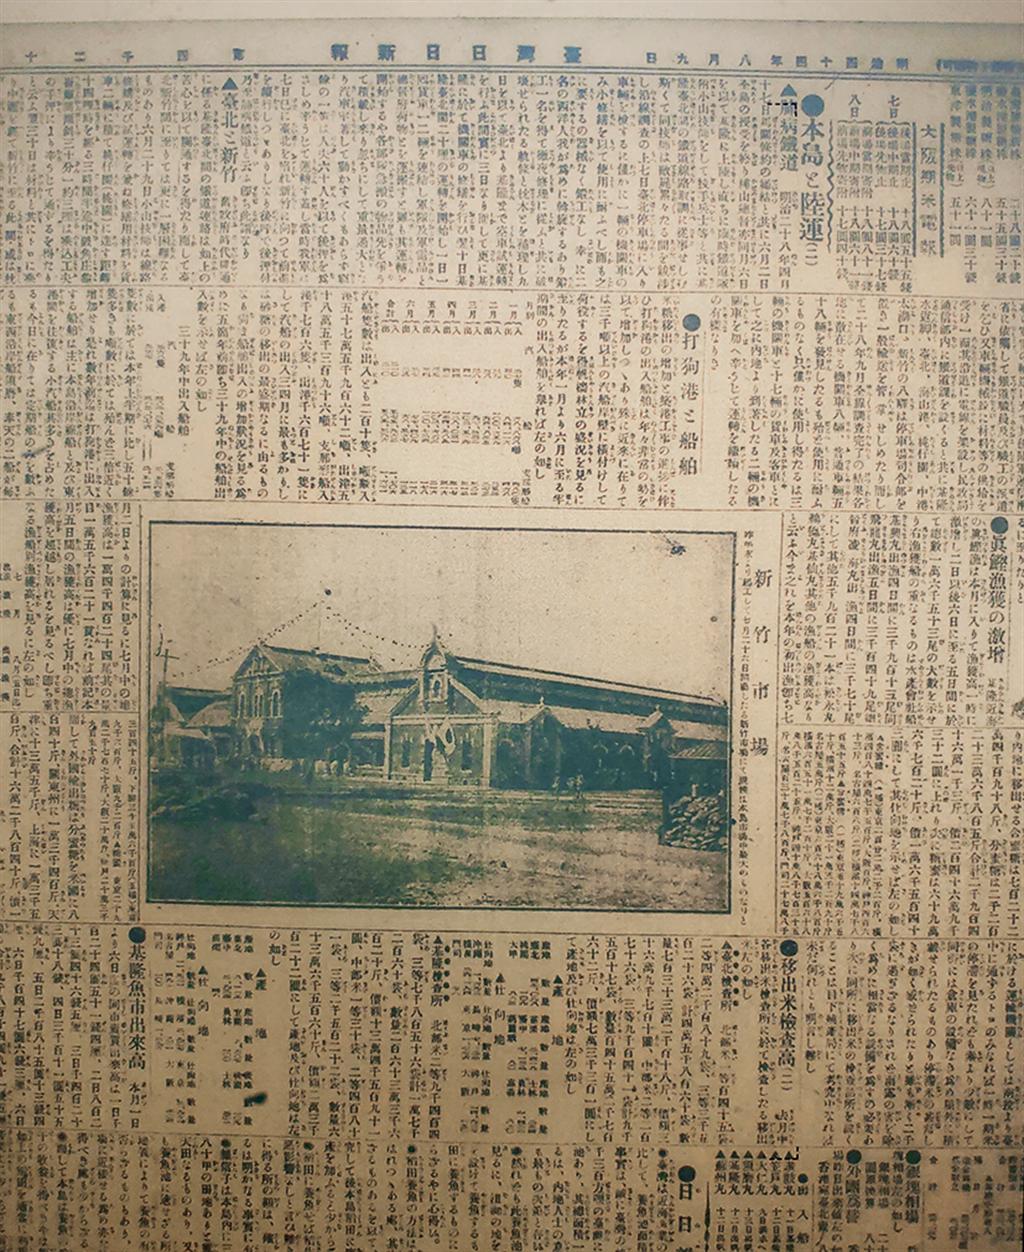 明治44年(1911)8月9日《台灣日日新報》報導新竹市場(東門市場)。(圖/國家圖書館、國立台灣圖書館授權)